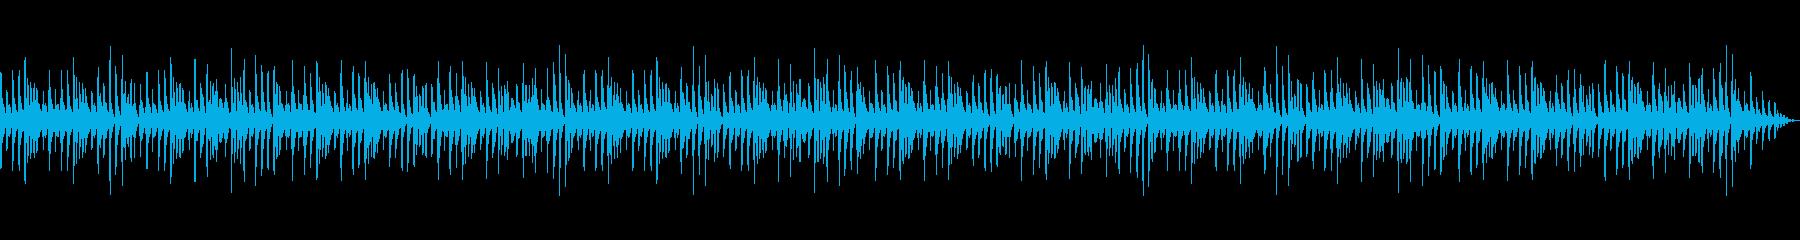 雑談シーンの動画BGMの再生済みの波形